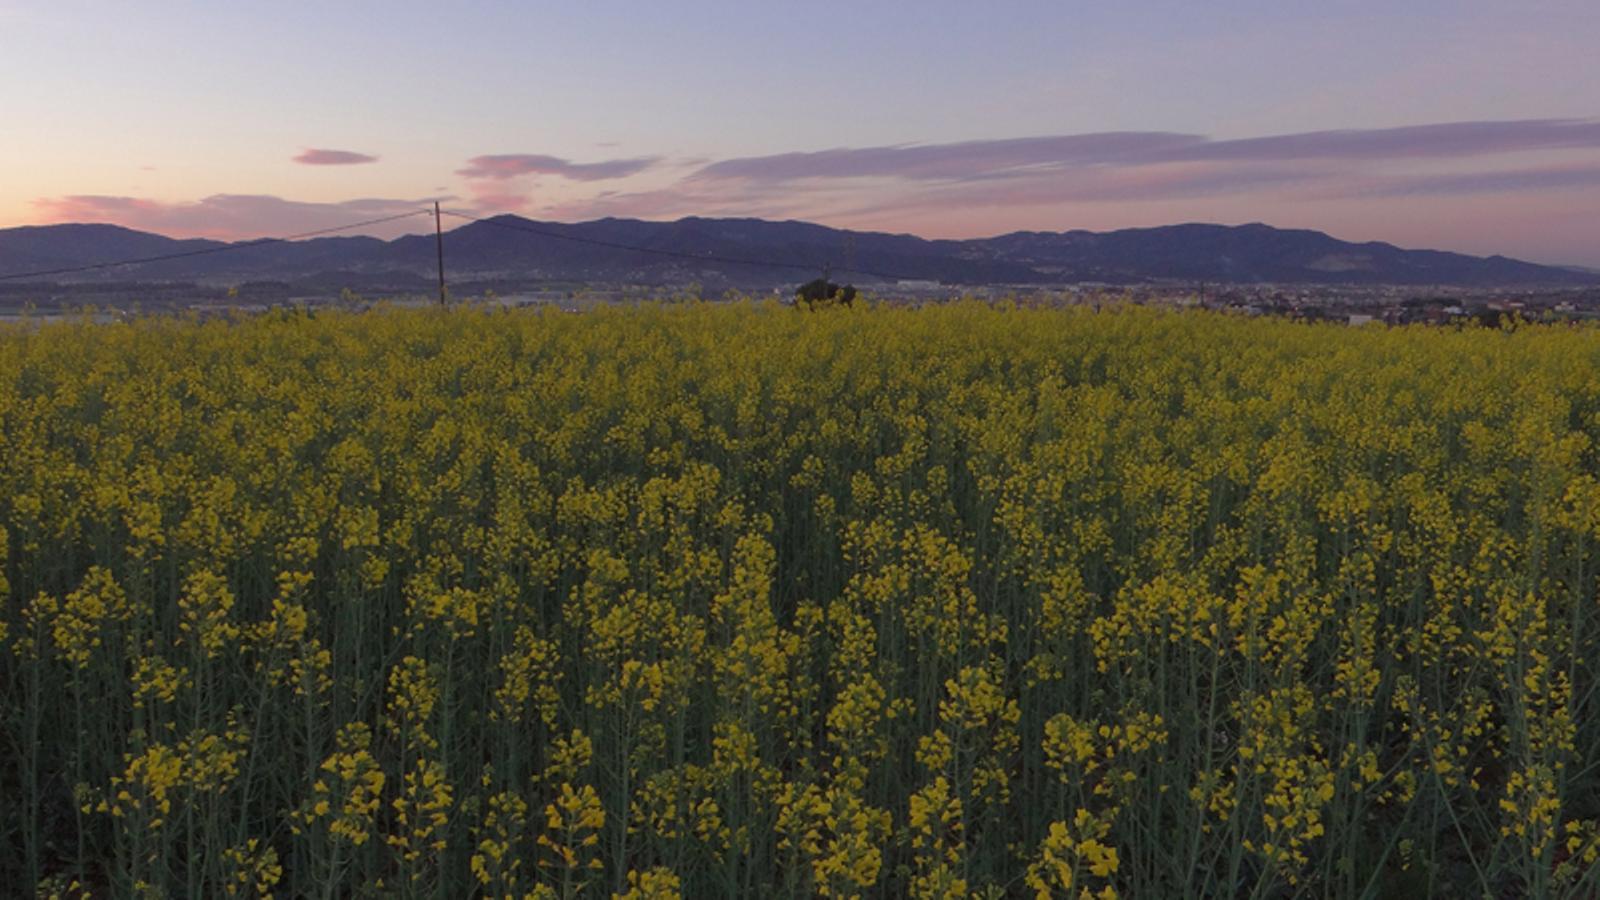 L 39 ambient d 39 hivern es queda en una setmana amb m s canvis - Casas en llica de vall ...